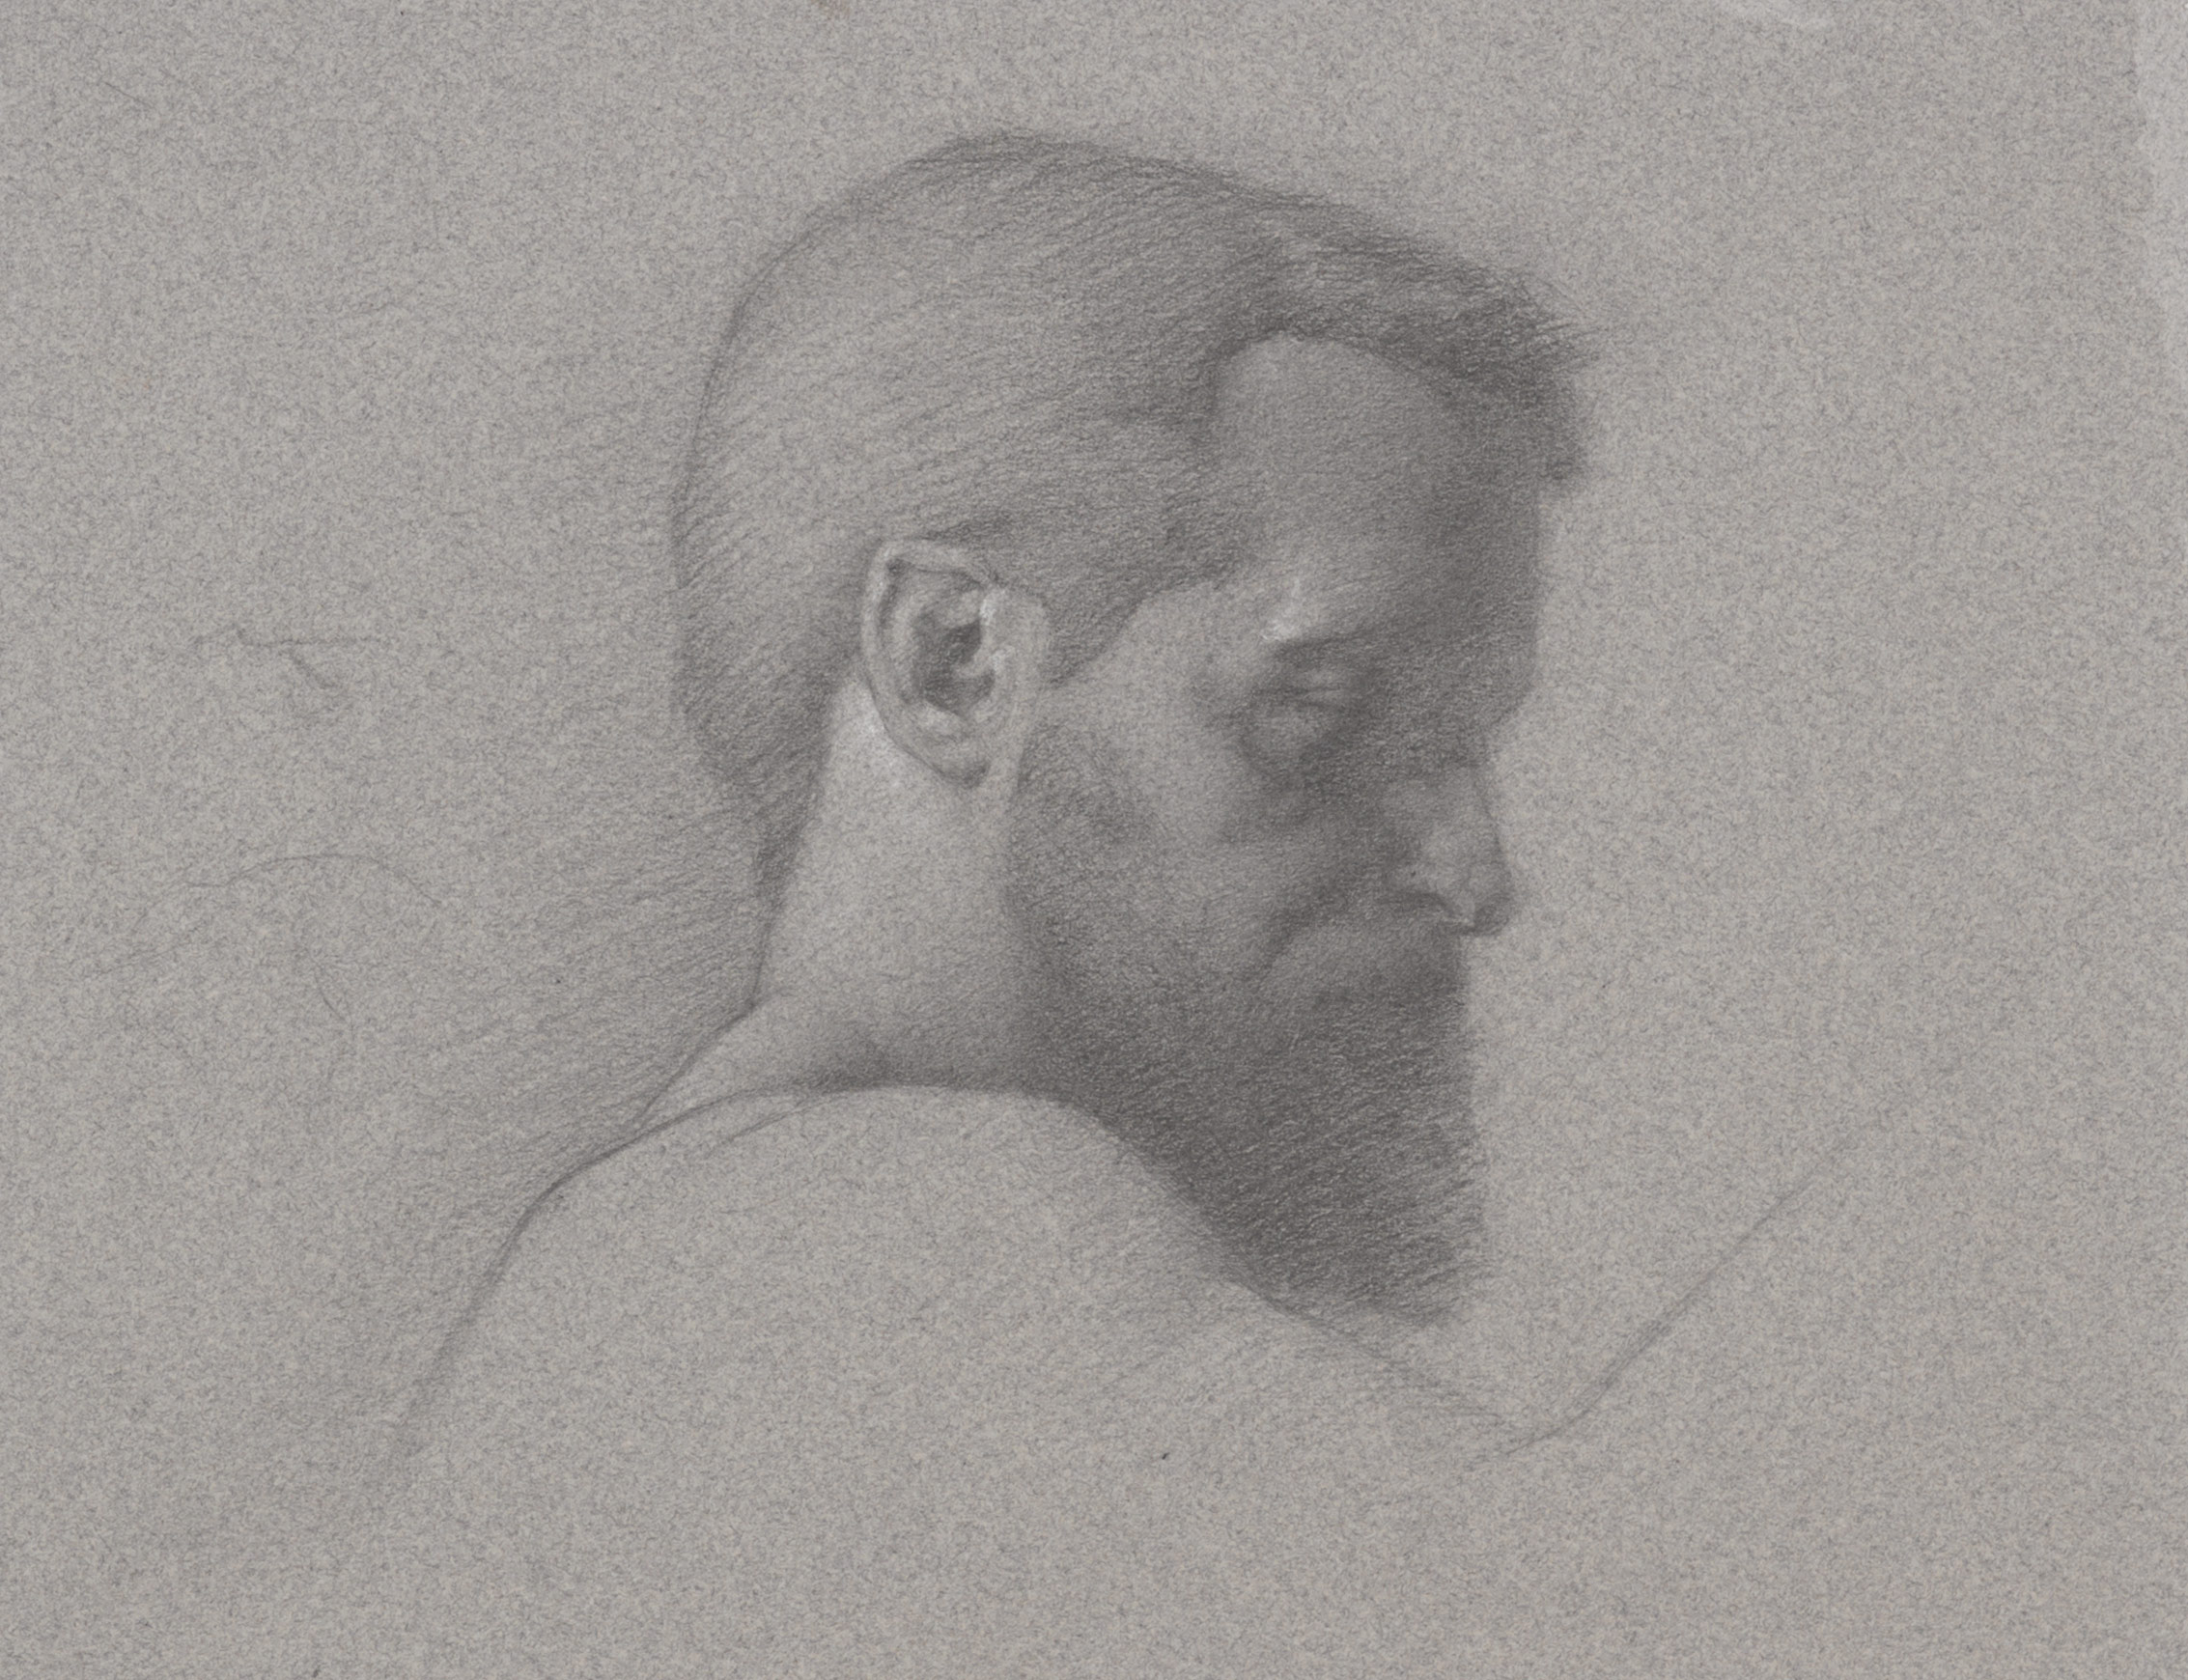 John. 9x12. Graphite on toned paper.